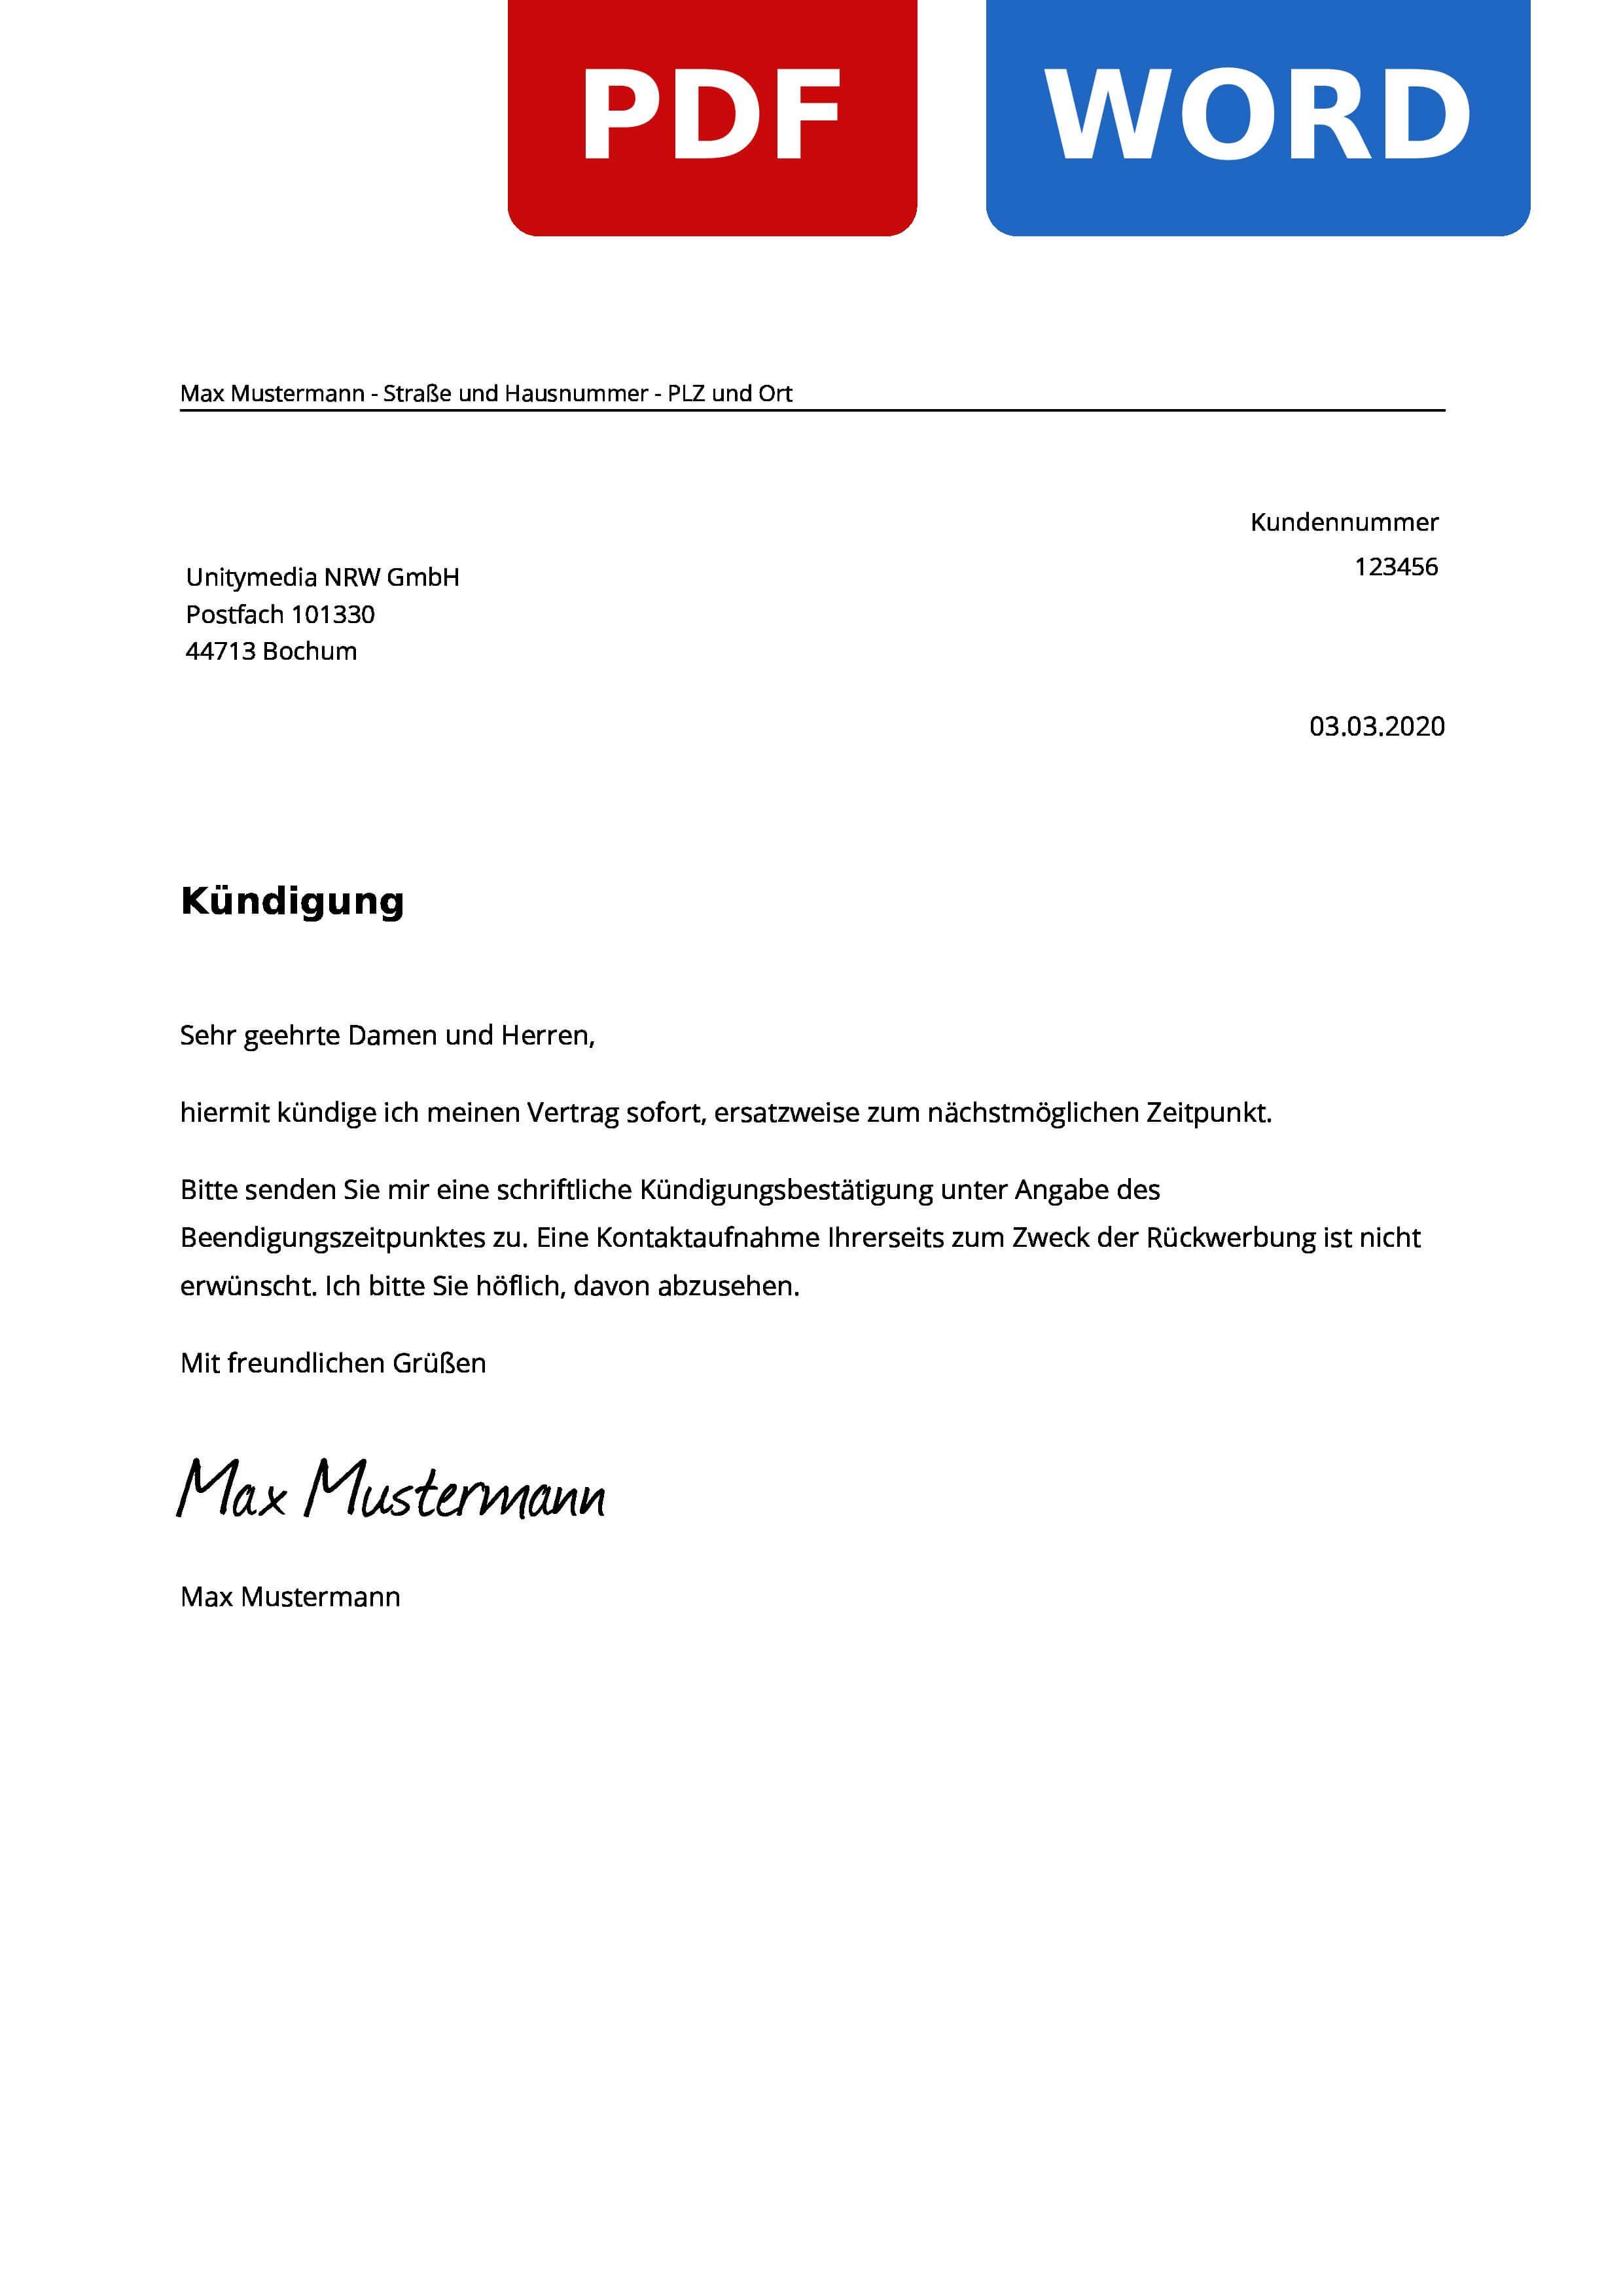 Unitymedia Nordrhein Westfalen Kundigung Vorlage